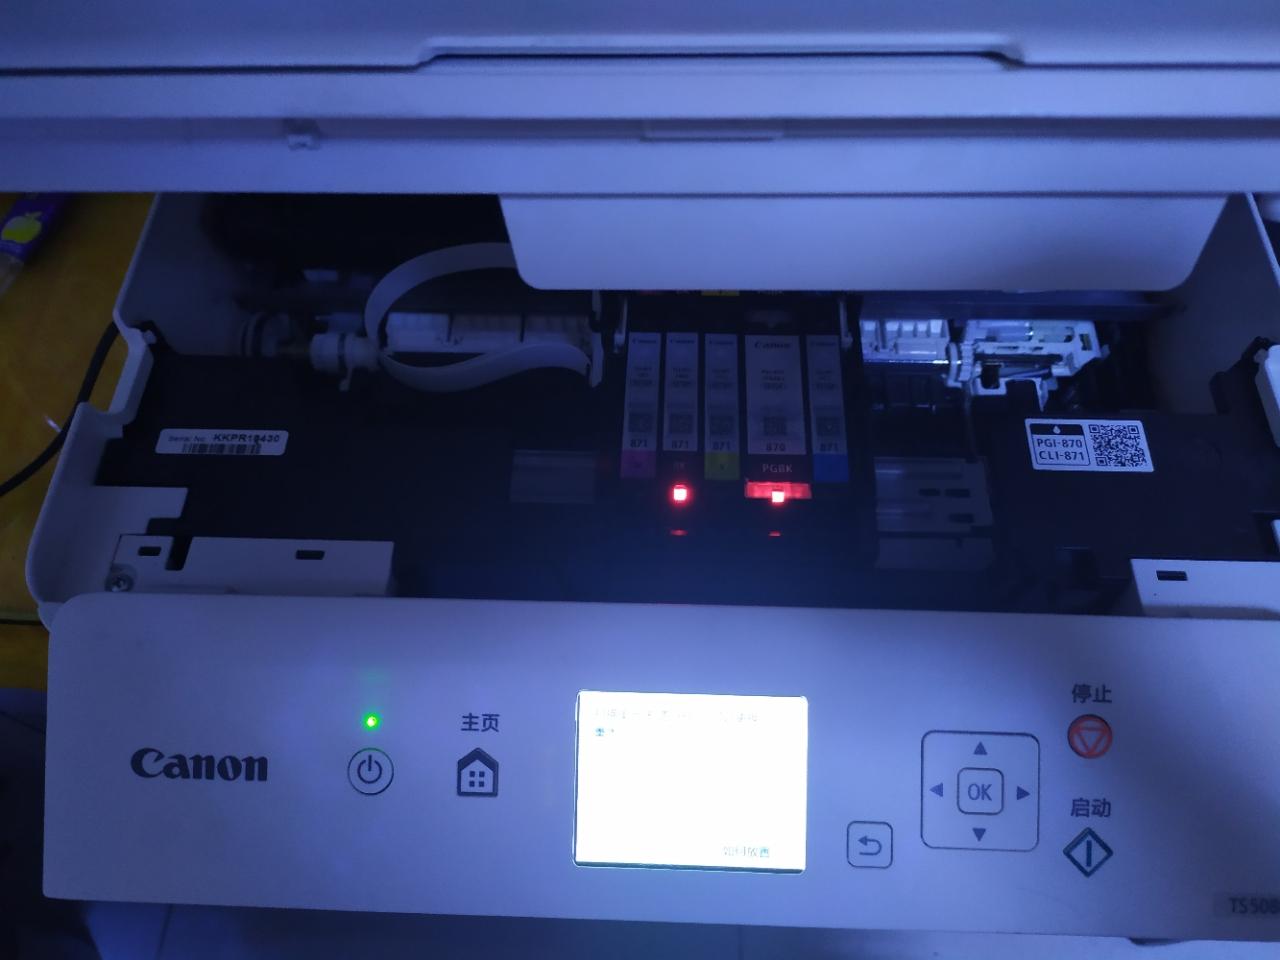 解答电脑打印机的选择和故障,请留下你的问题